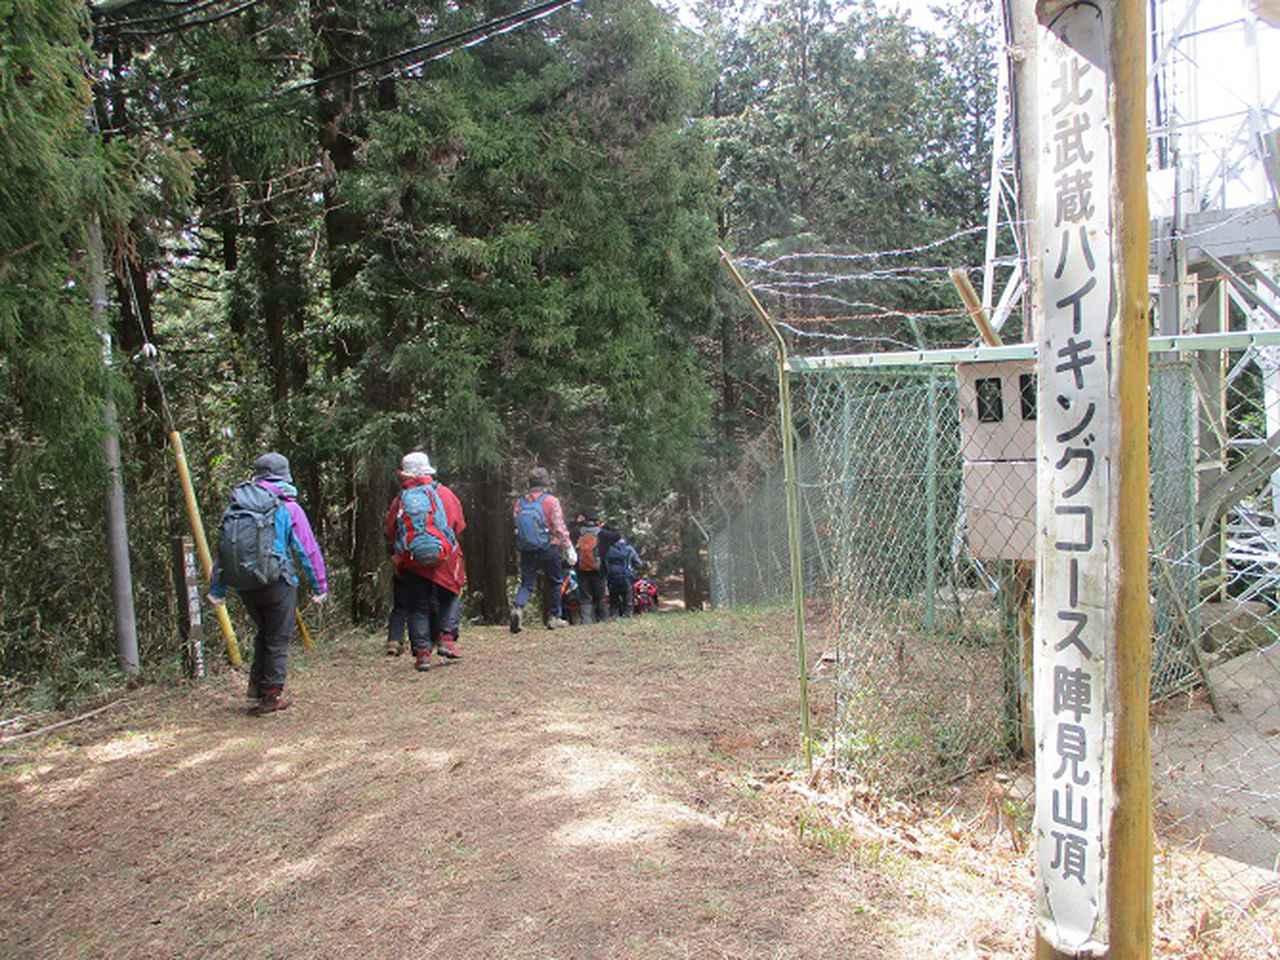 画像4: 岡田ガイドのコースで 陣見山 ツアーに行ってきました!